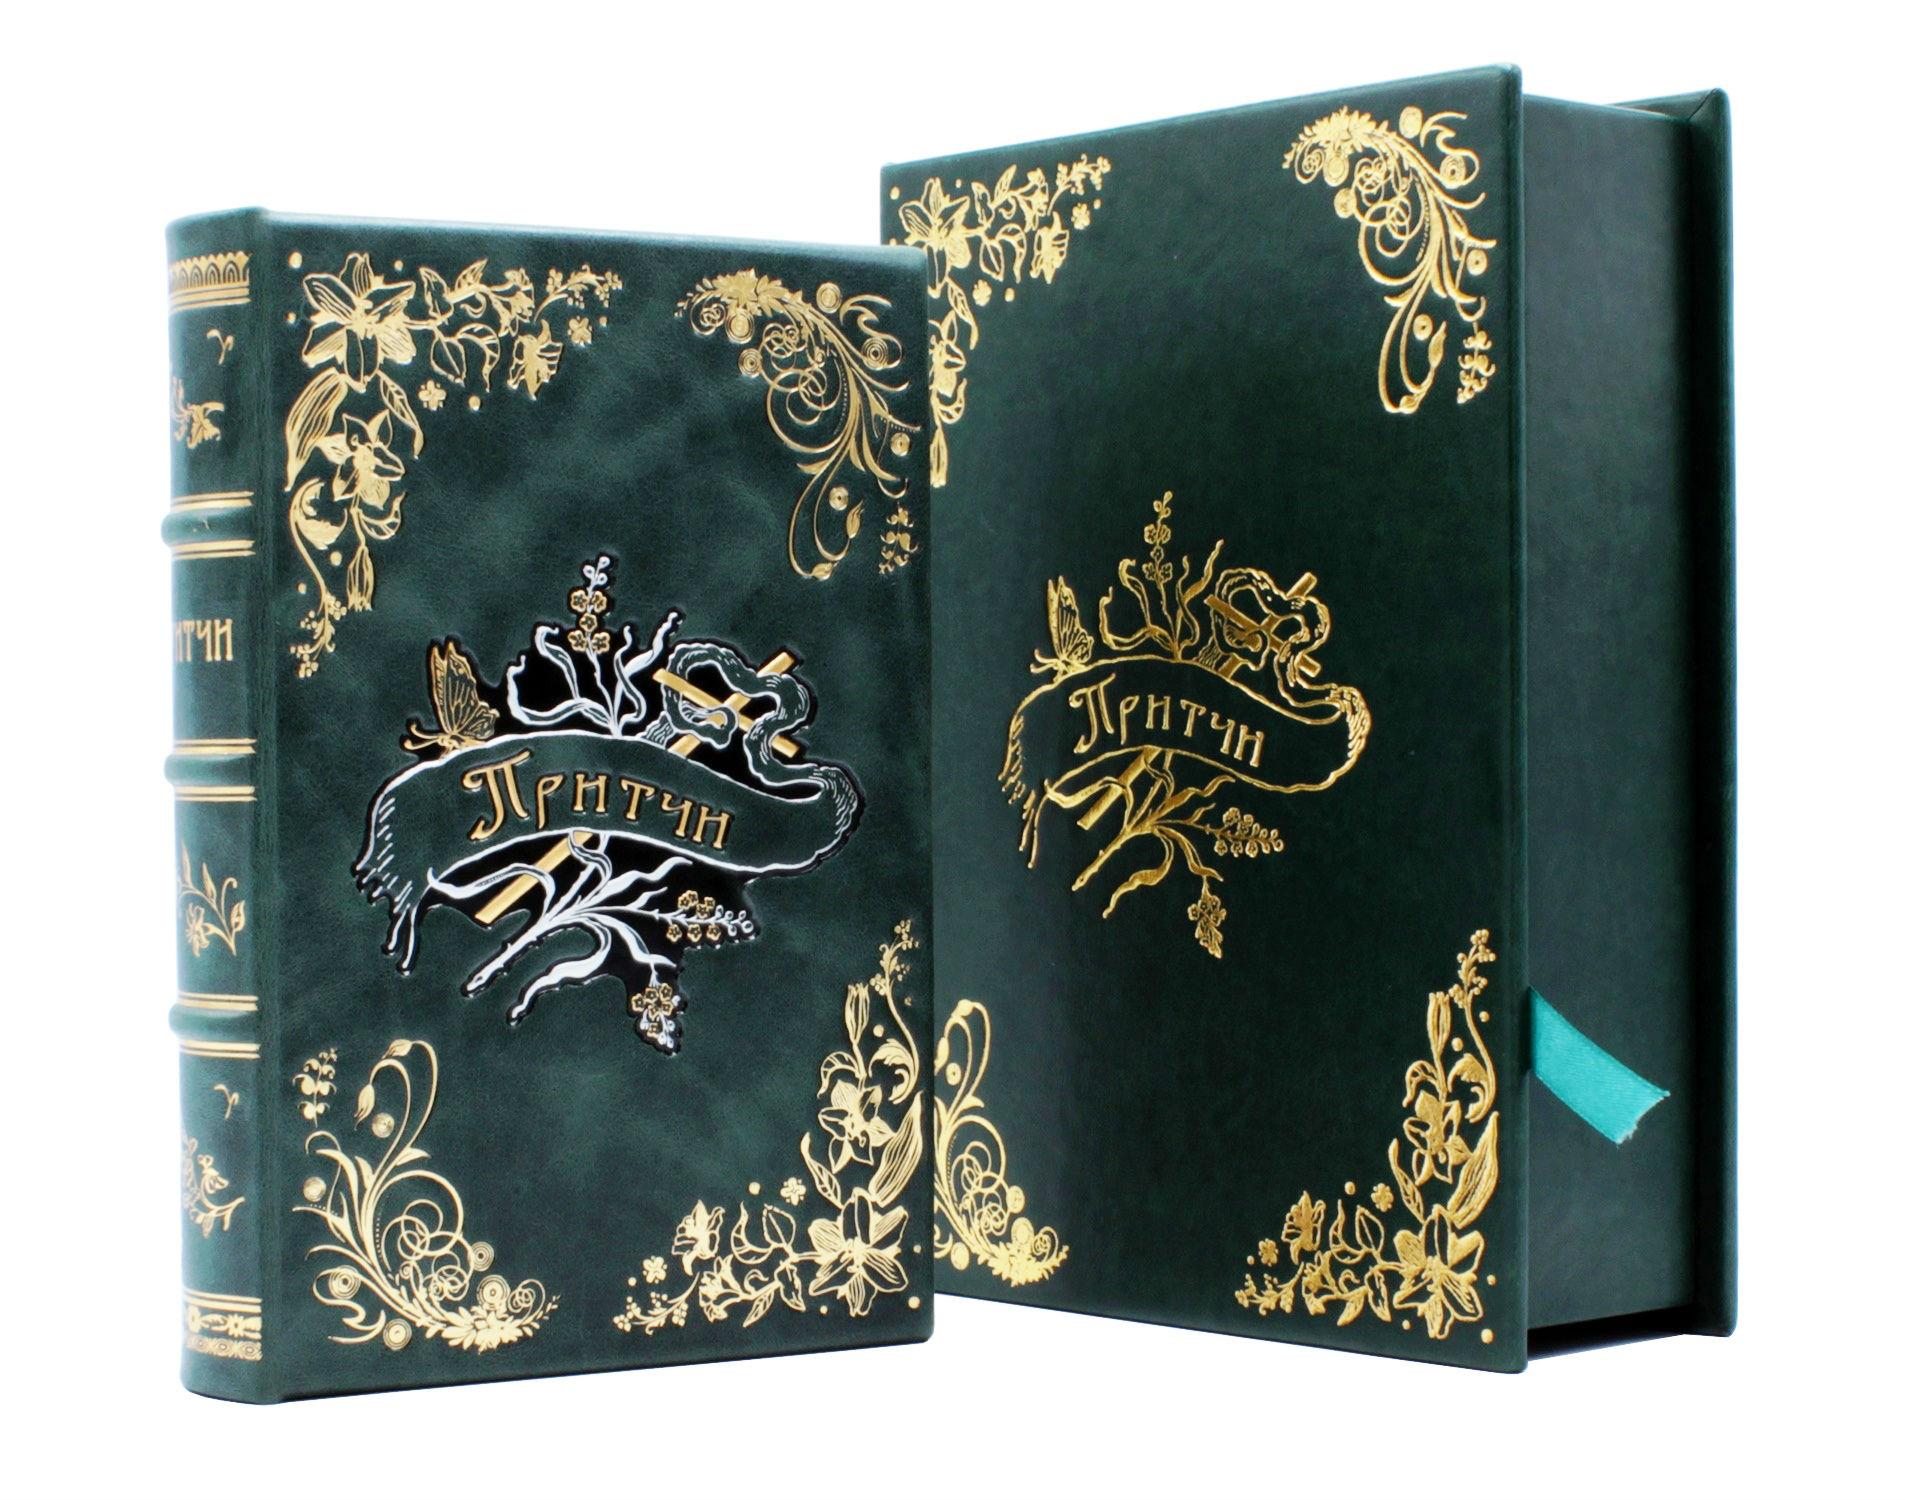 Книга притчи подарочная в коробке кожаный переплет